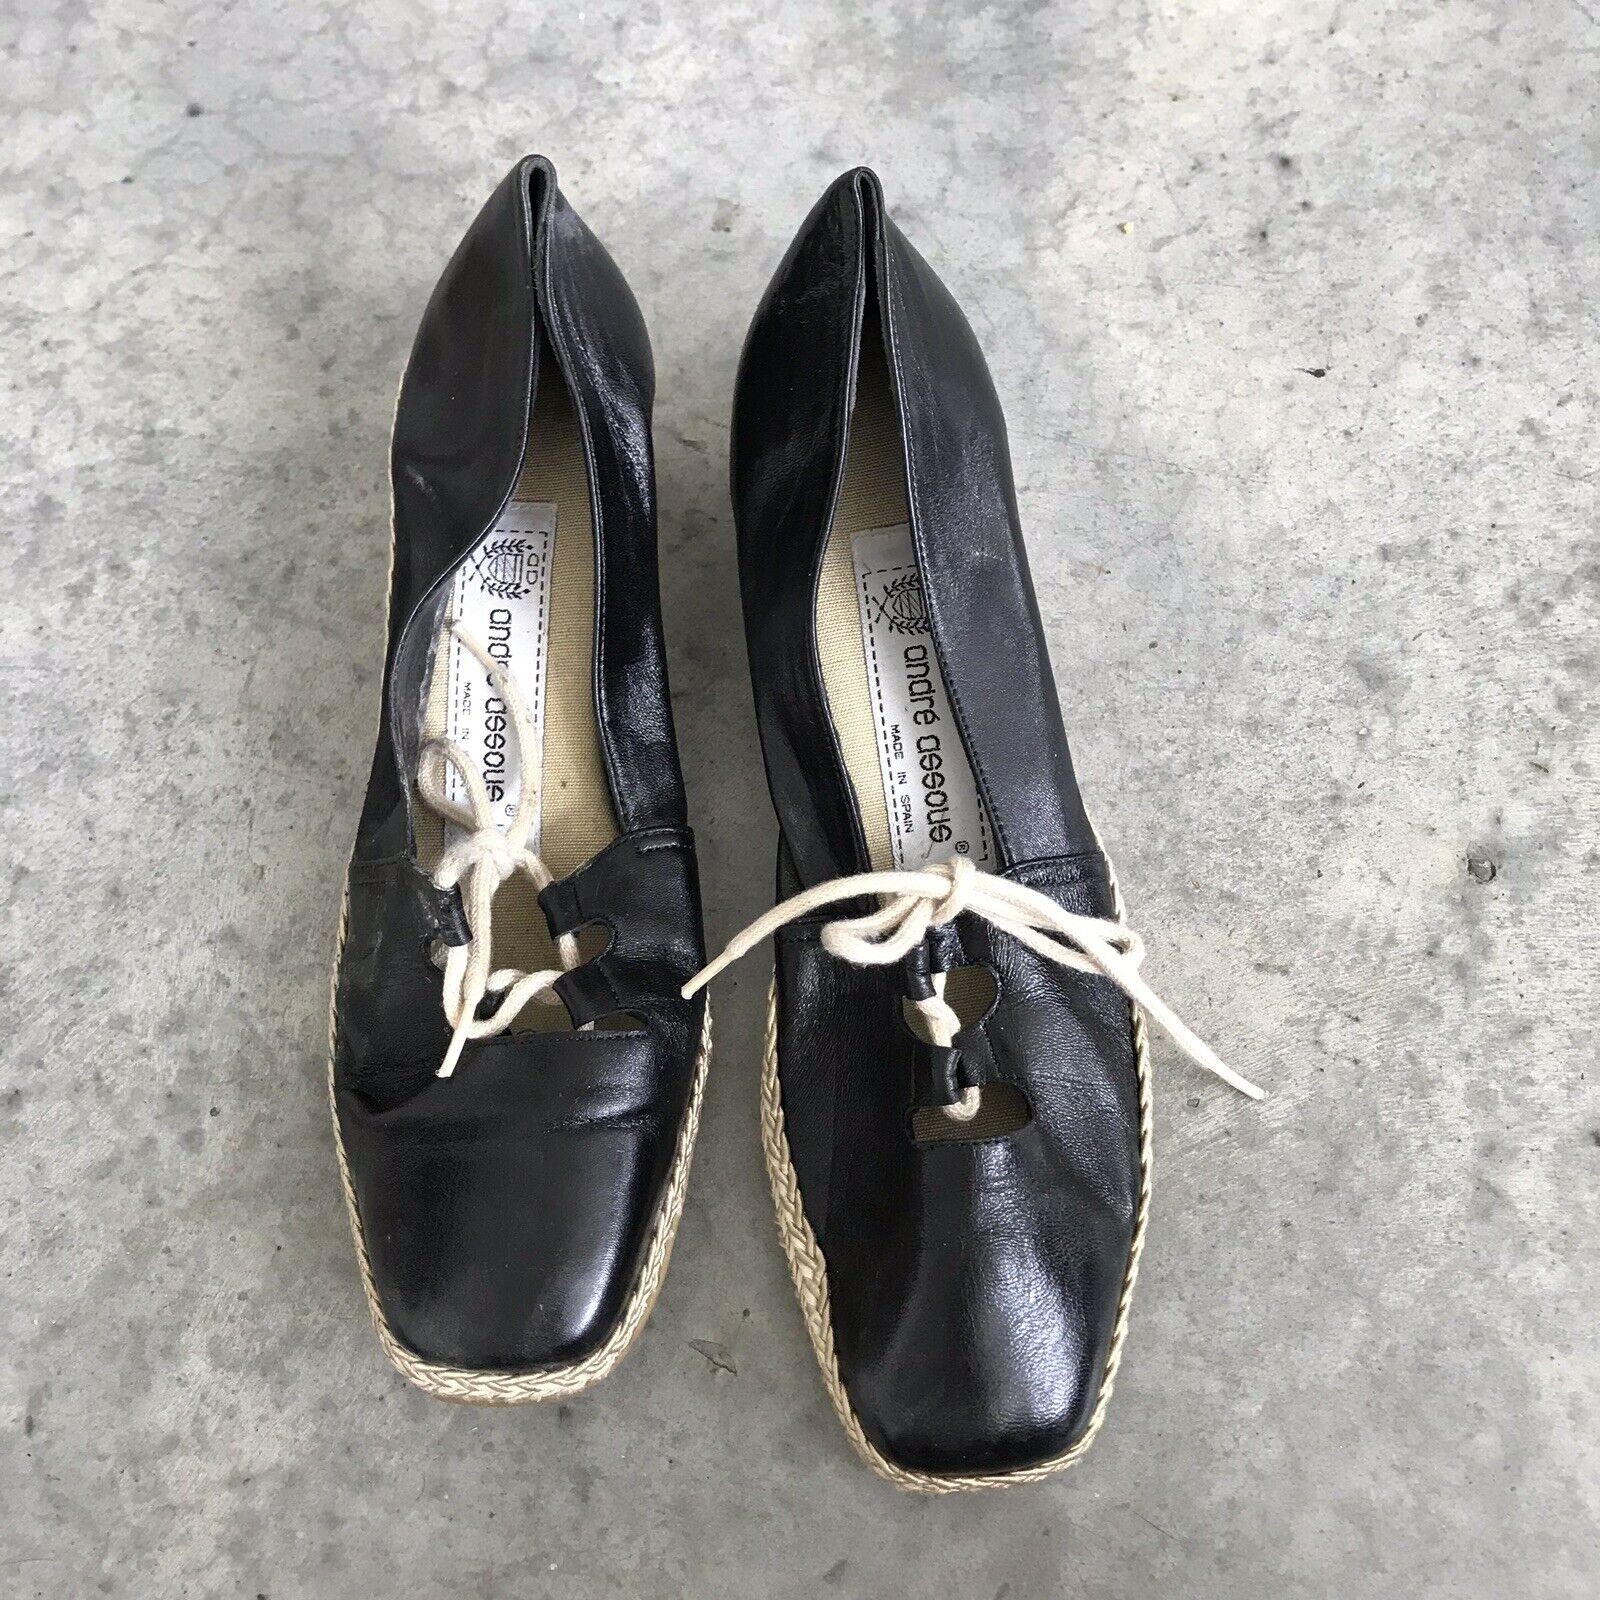 Andre Assous Black Leather Espadrilles Wedges Platform Espadrille Shoes Size 7.5